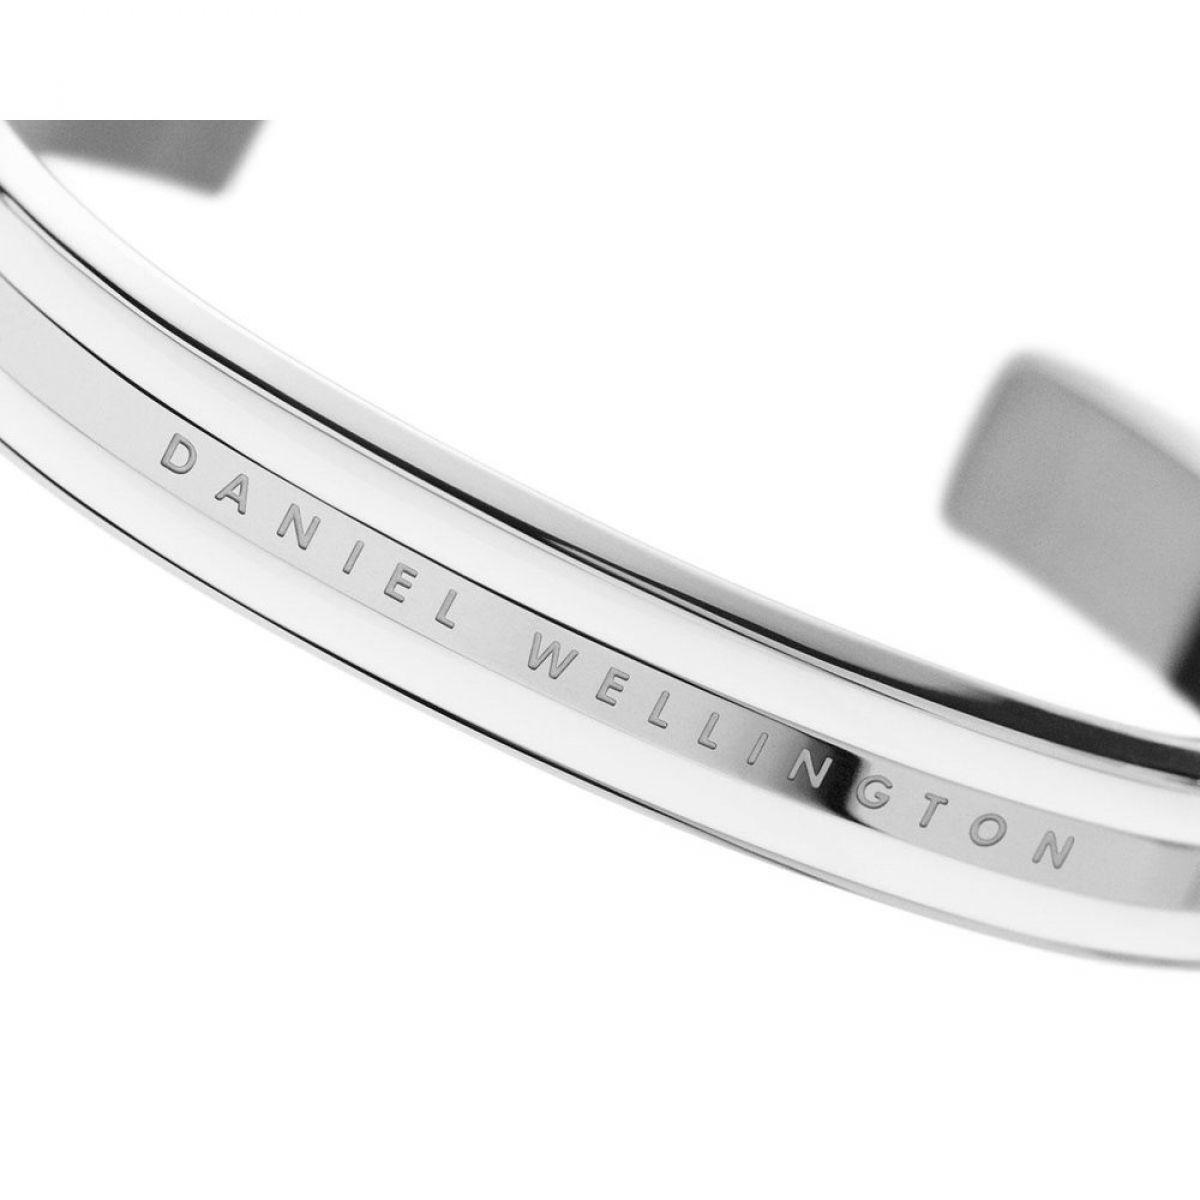 dw官网 dw手表官网 dw中国官网 dw官方旗舰店 DW DW官网  Classic Bracelet Satin White Silver S